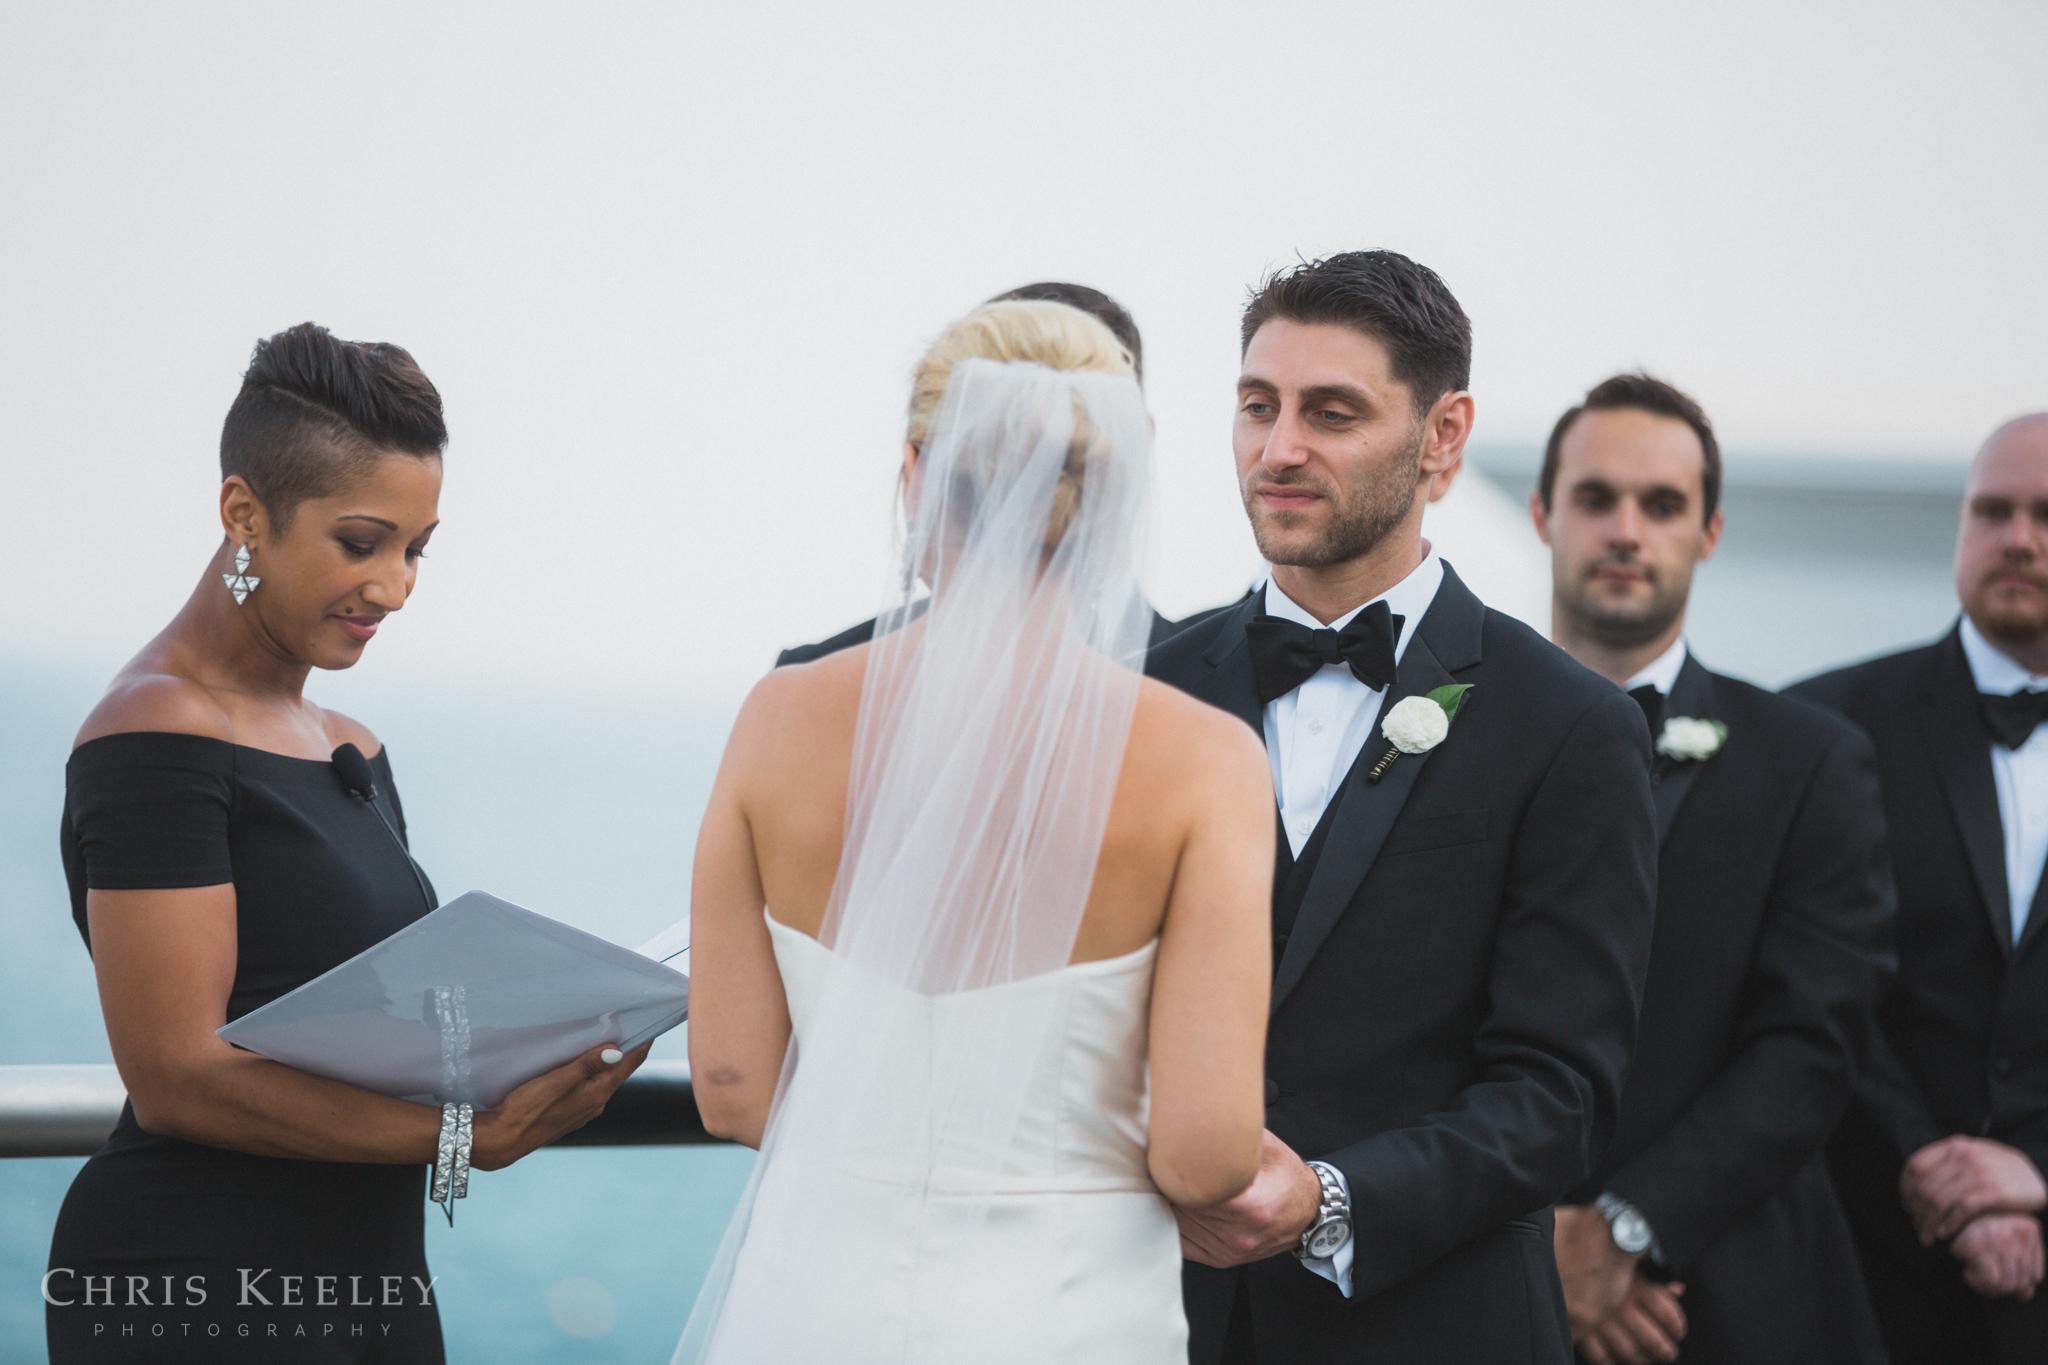 cliff-house-maine-wedding-photographer-chris-keeley-52.jpg